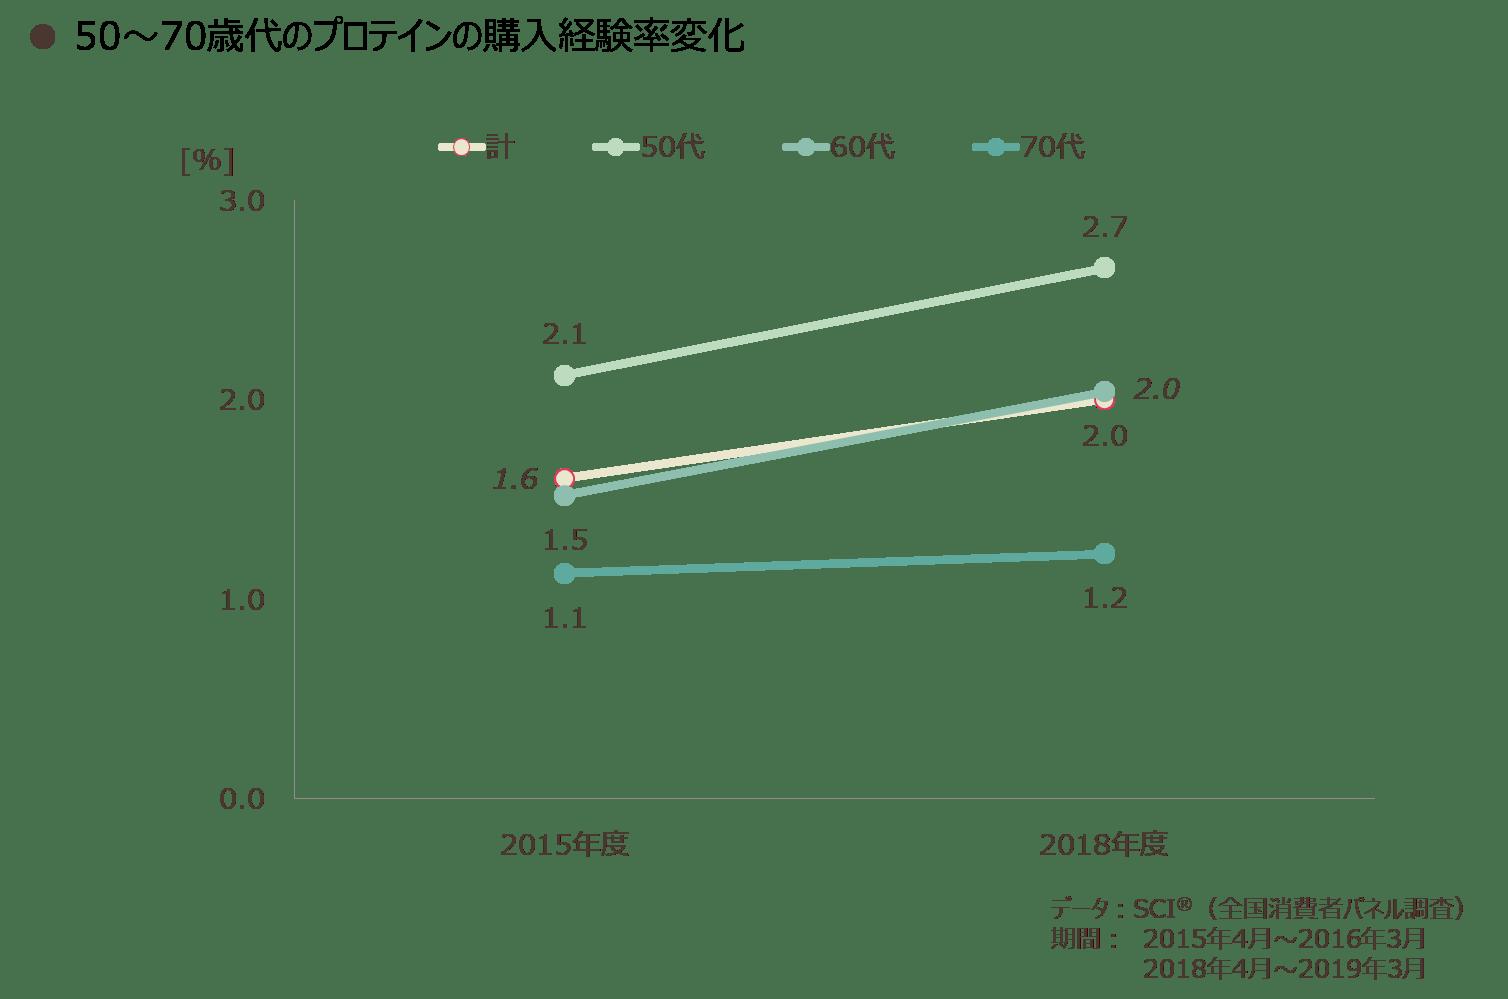 50~70歳代のプロテインの購入経験率変化